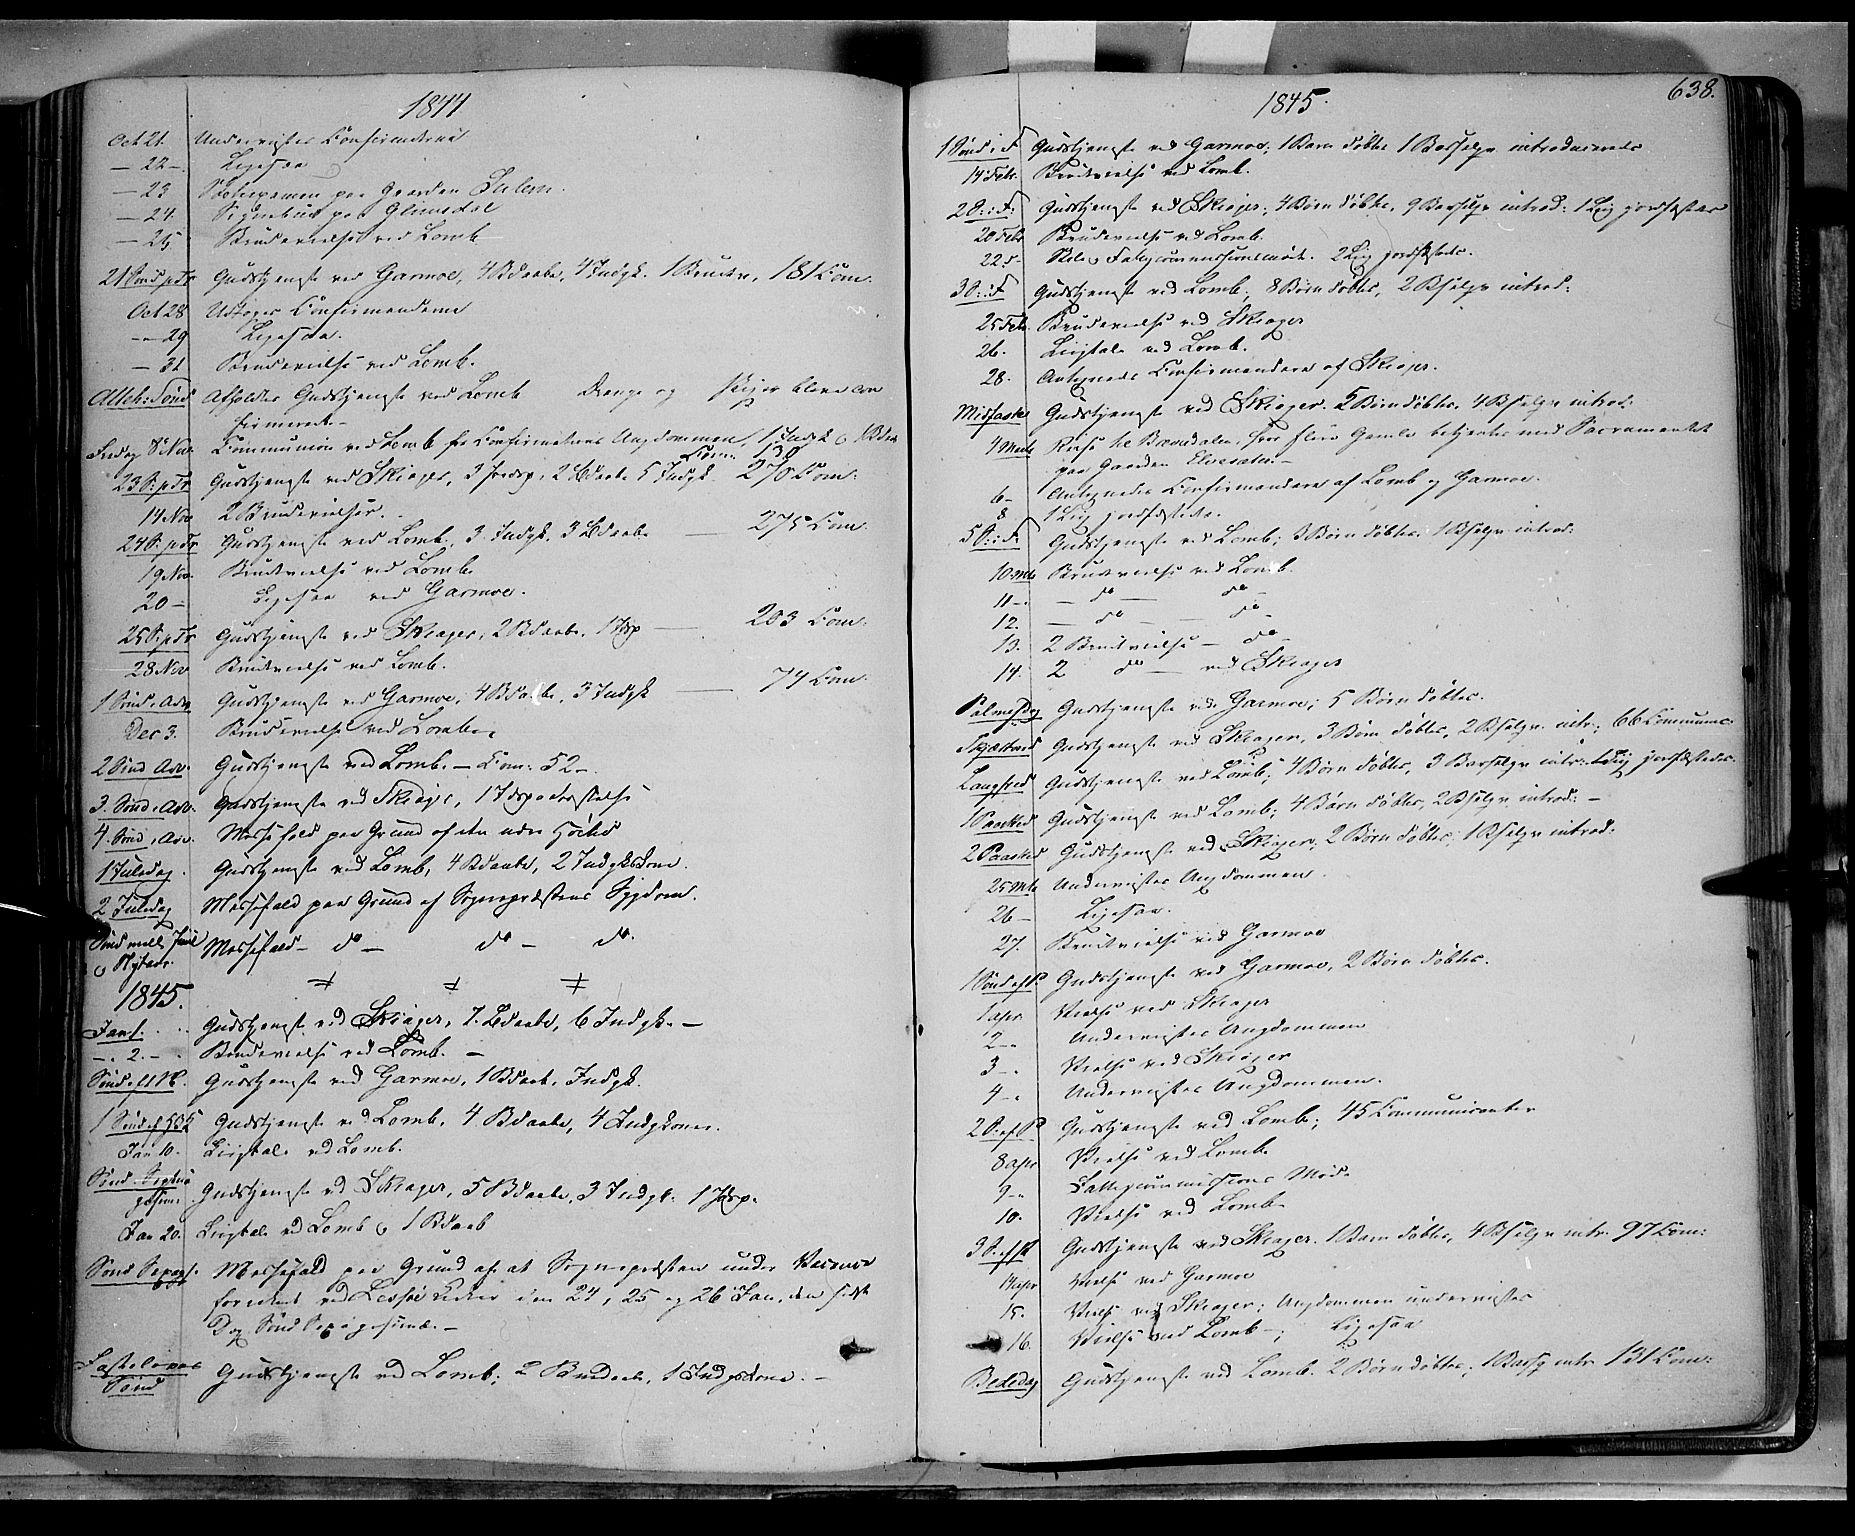 SAH, Lom prestekontor, K/L0006: Ministerialbok nr. 6B, 1837-1863, s. 638